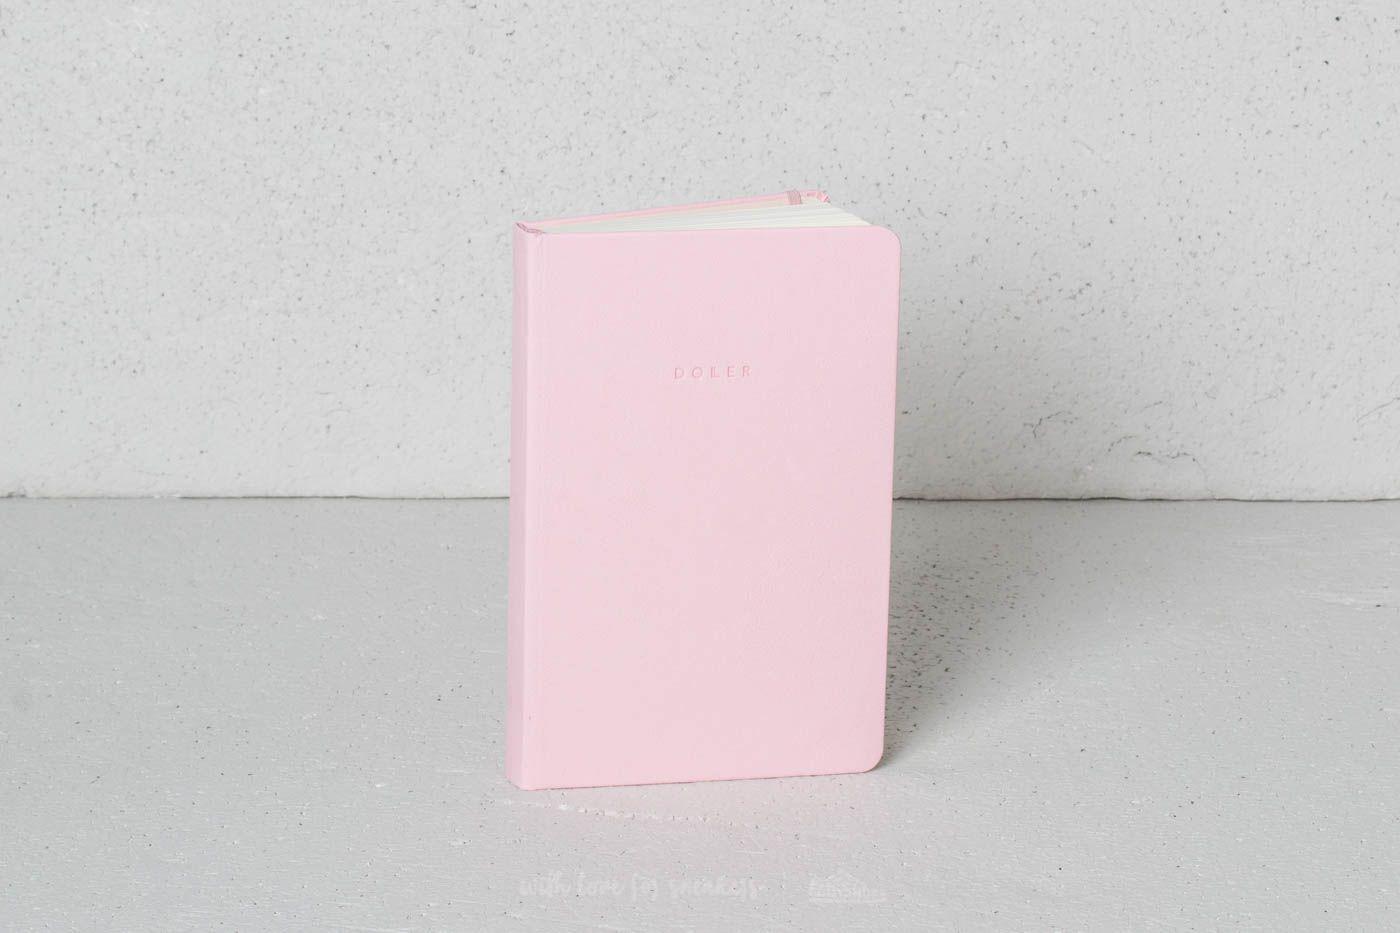 Doller SK Motivation Diary Pink za skvelú cenu 15 € kúpite na Footshop.sk